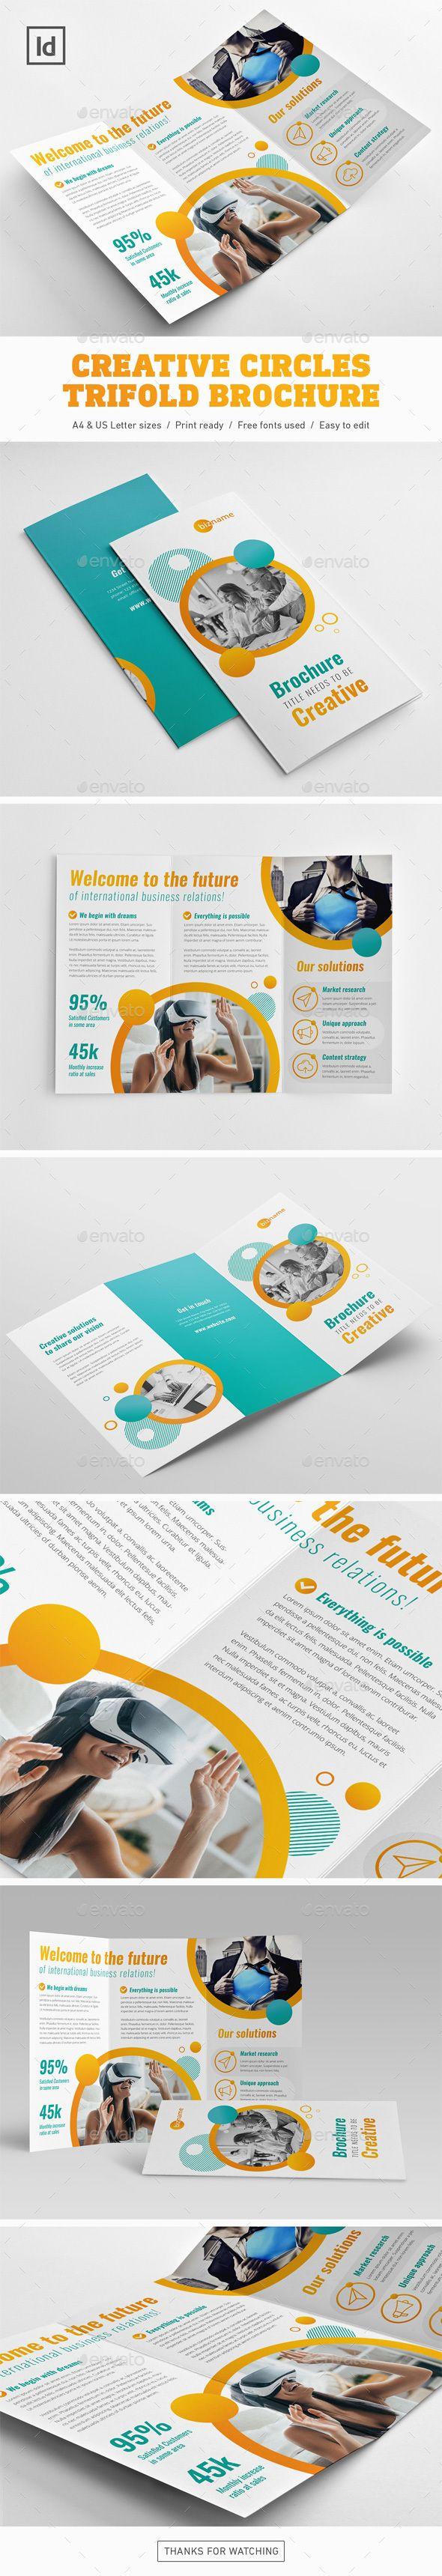 213 best brochure images on pinterest flyer design brochures and